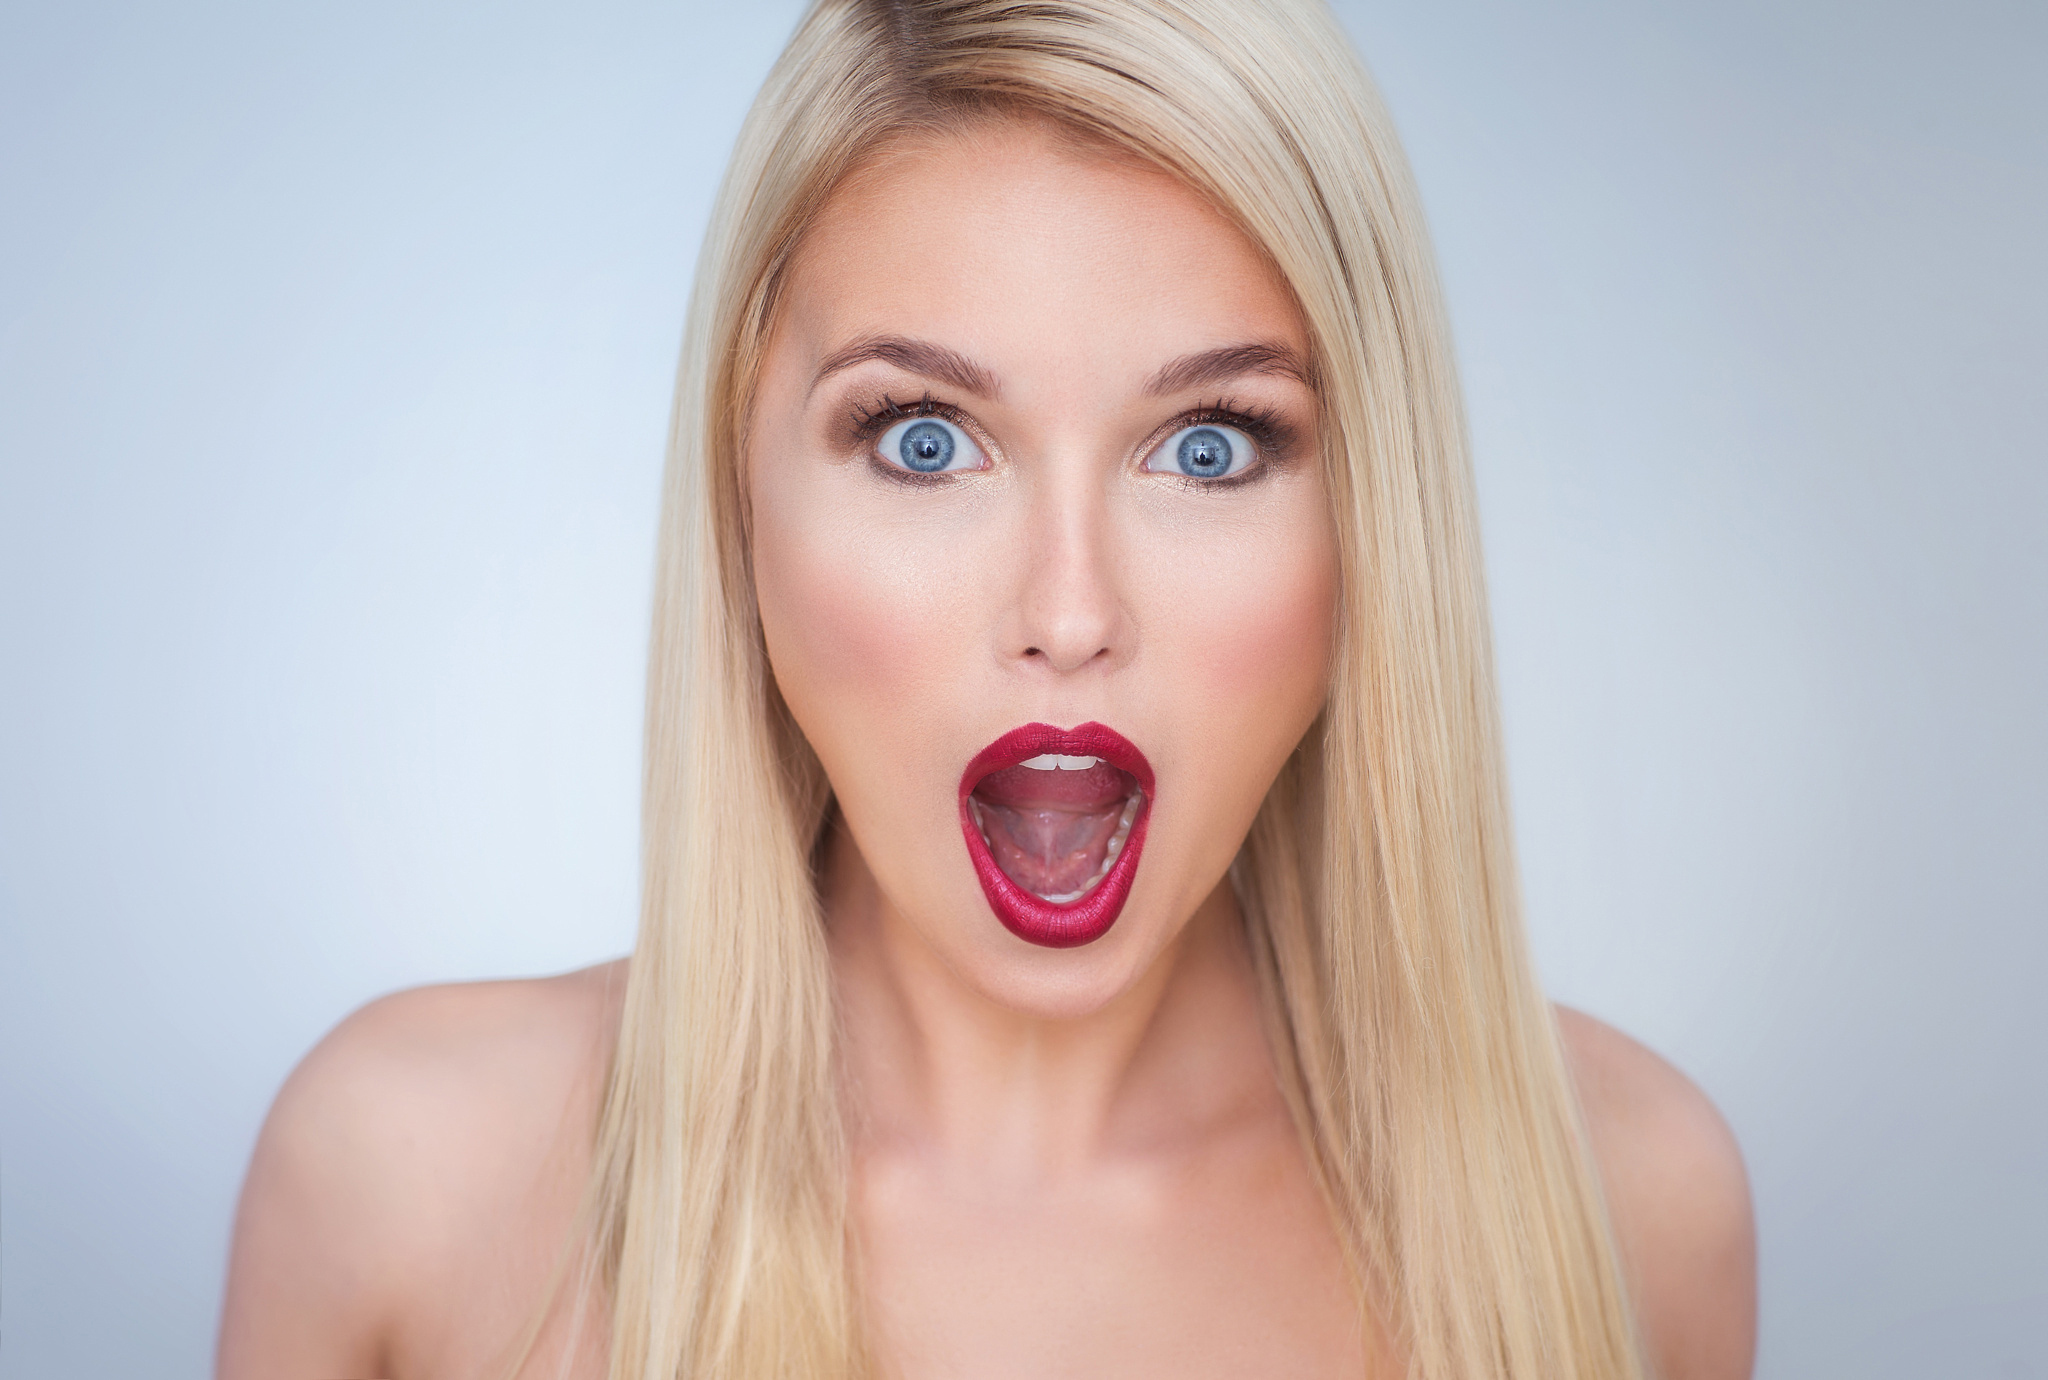 Фото лиц девушек с открытым ртом